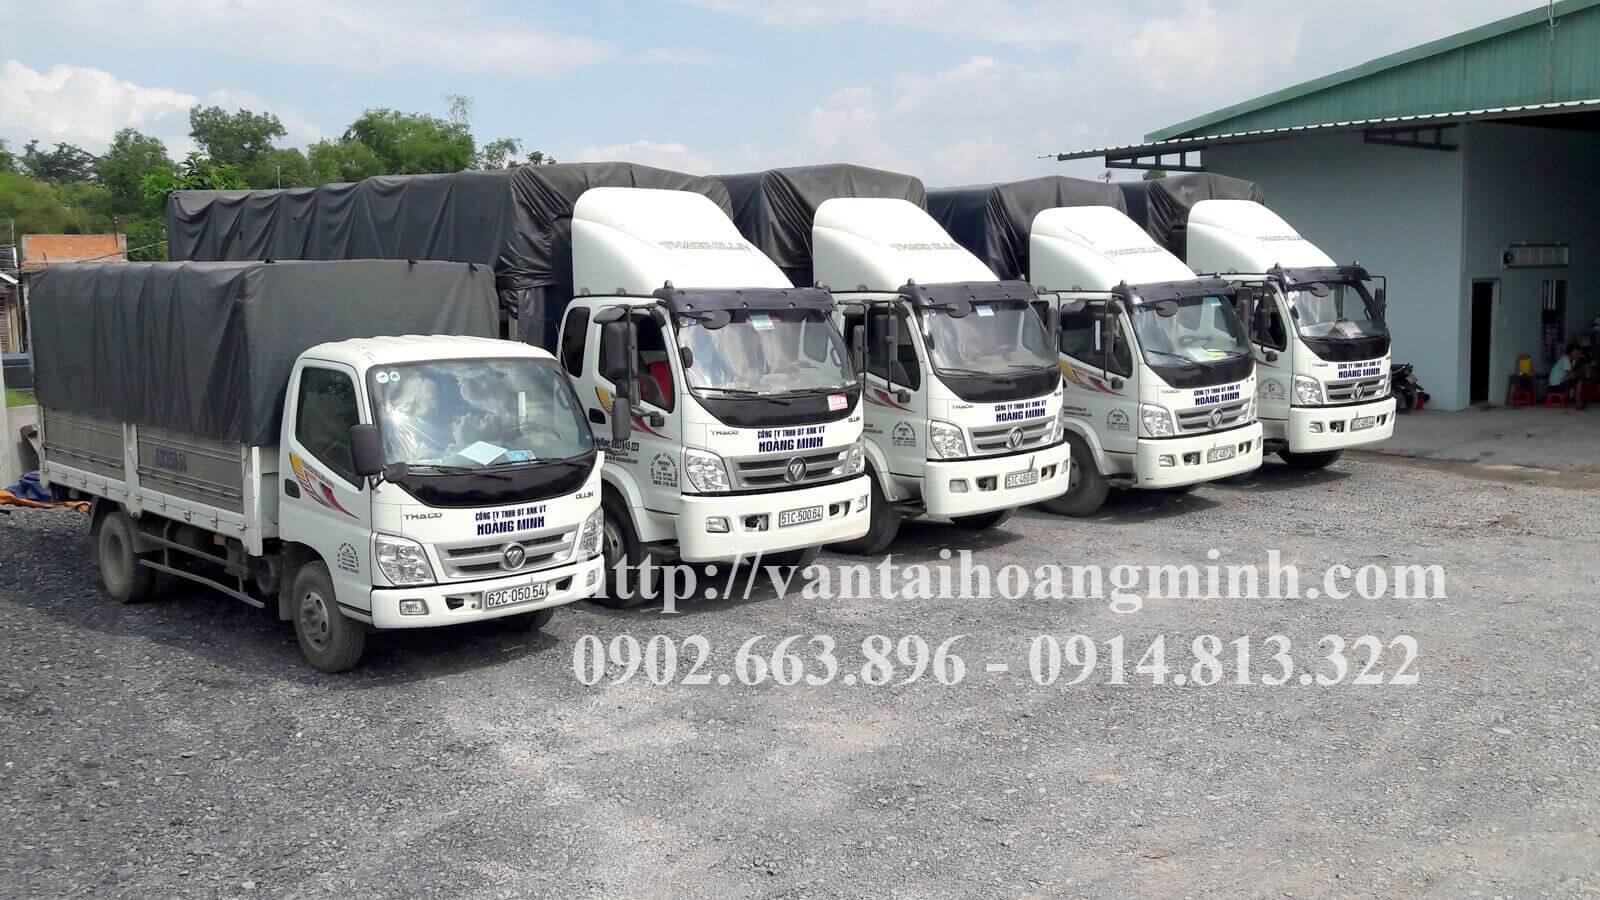 xe tải chở hàng tiêu dùng thực phẩm